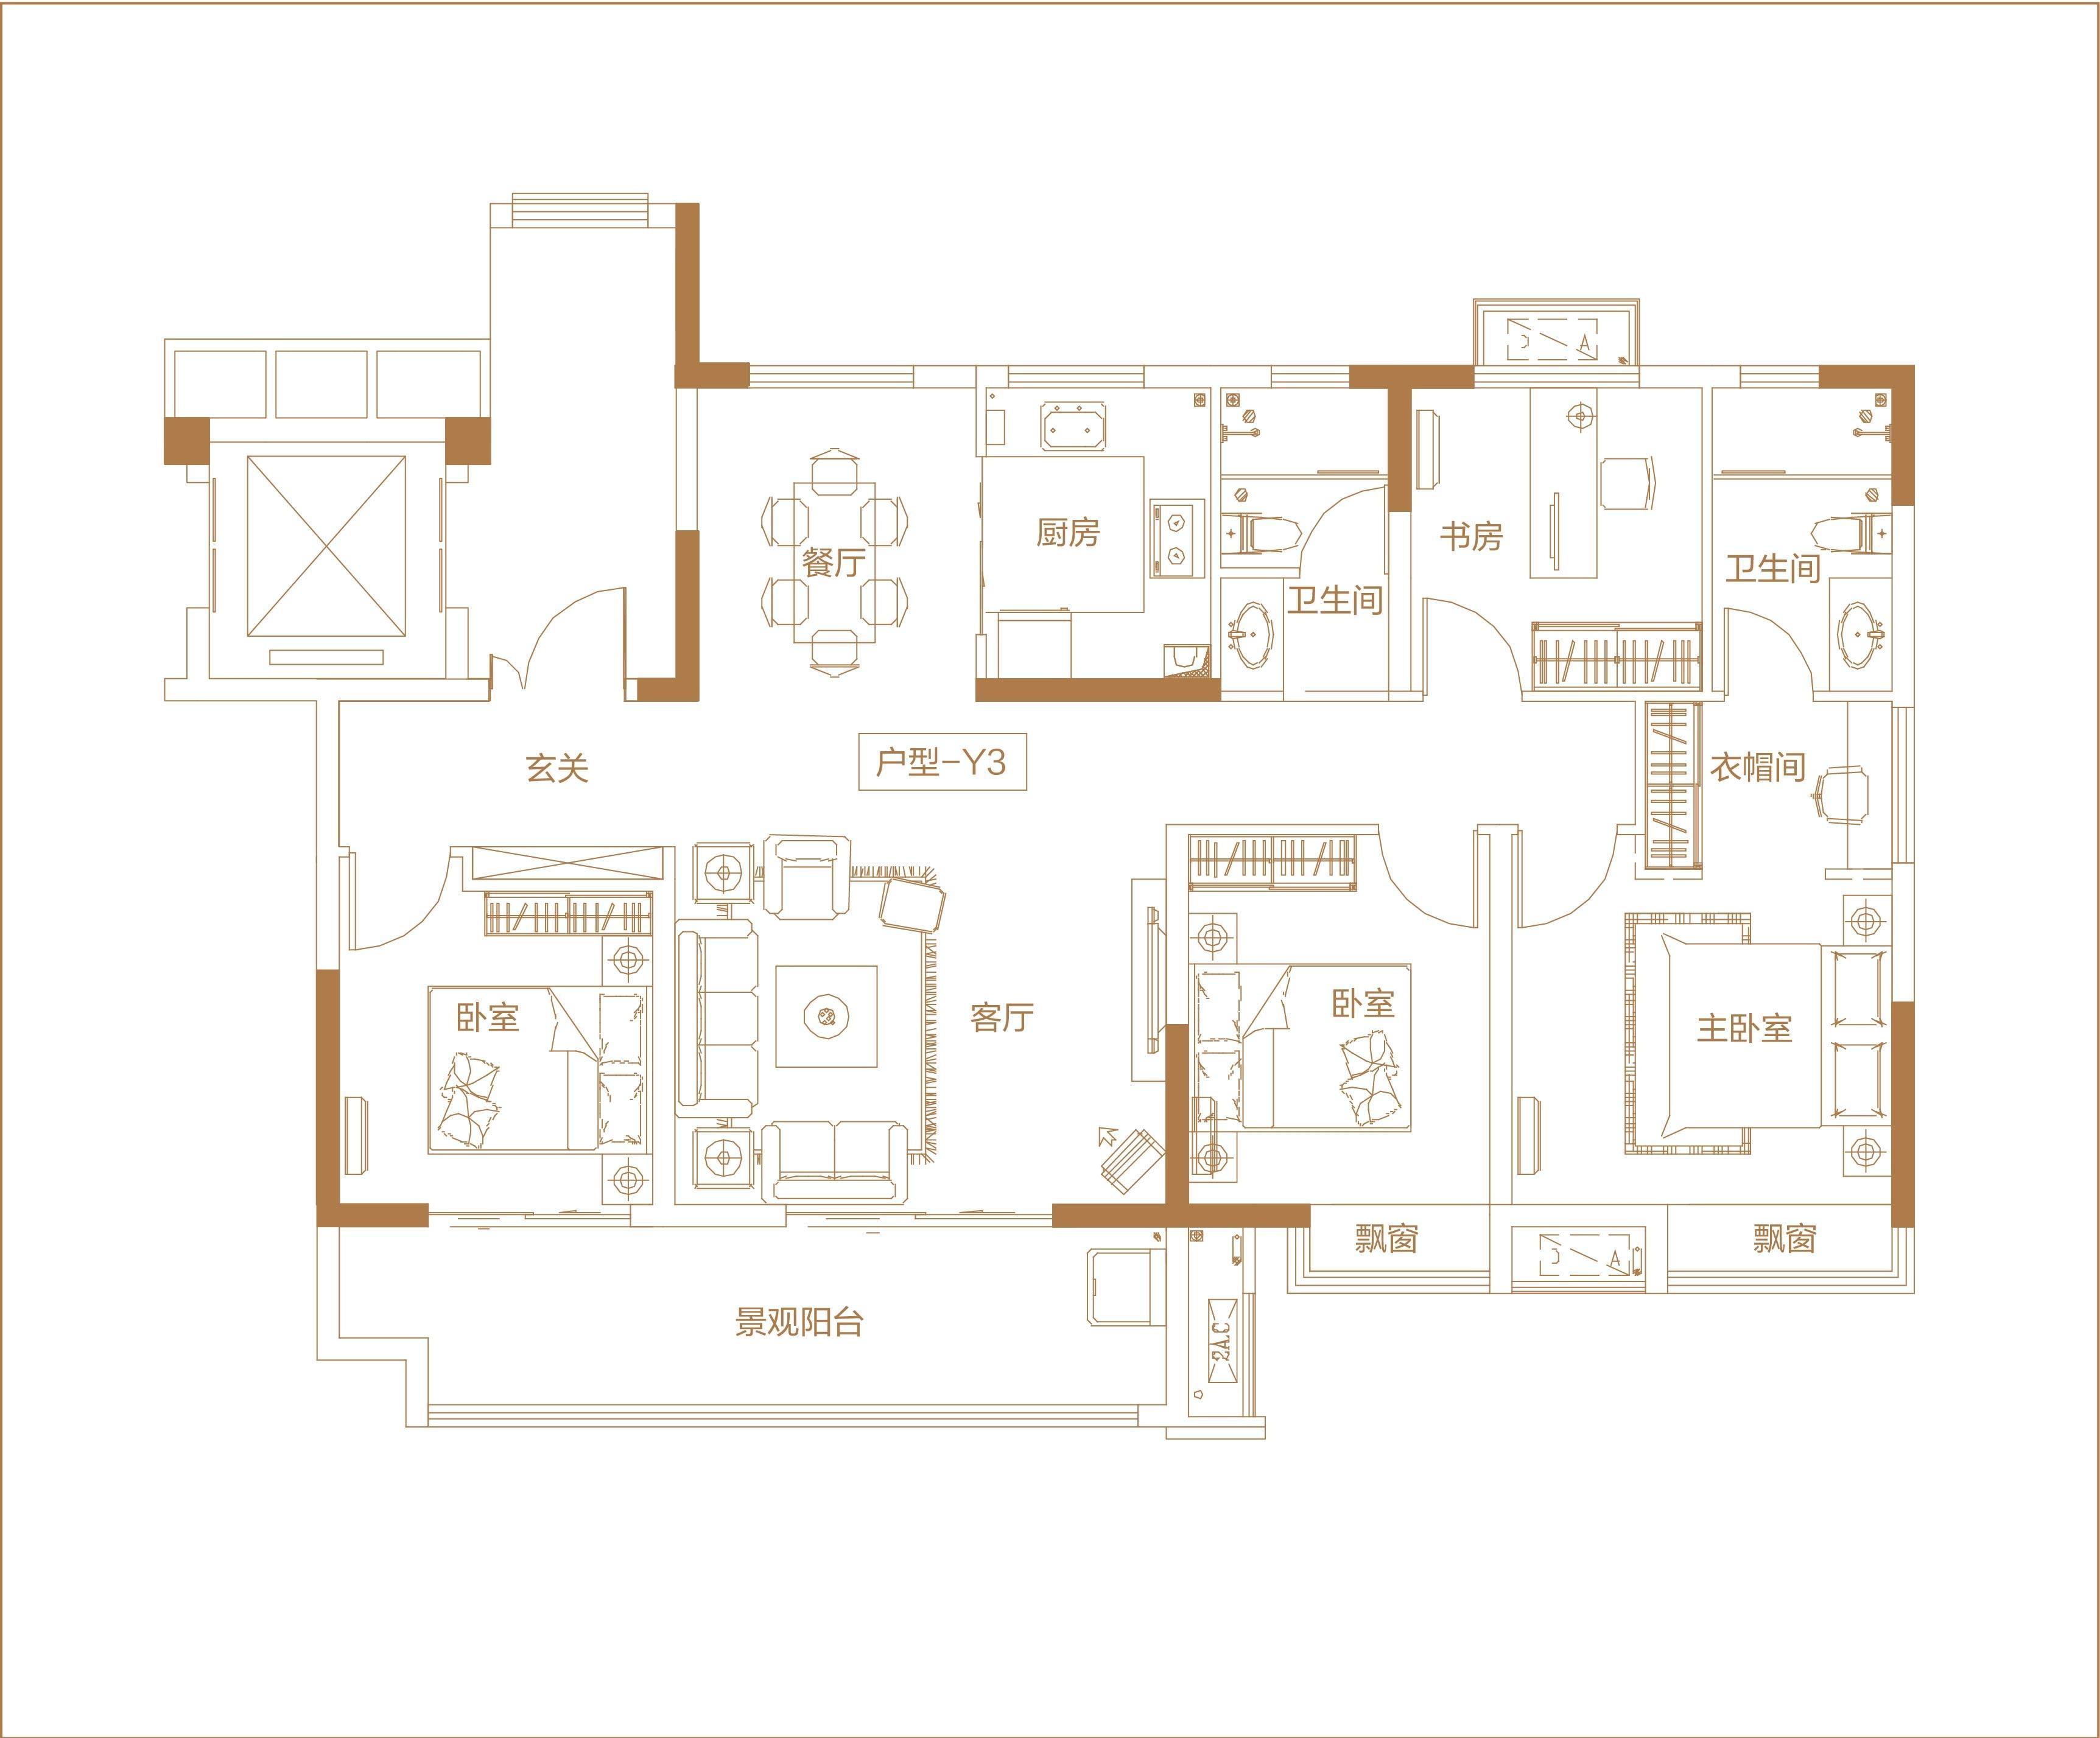 北京城房·春华园 洋房Y3户型建面约132㎡ 202010